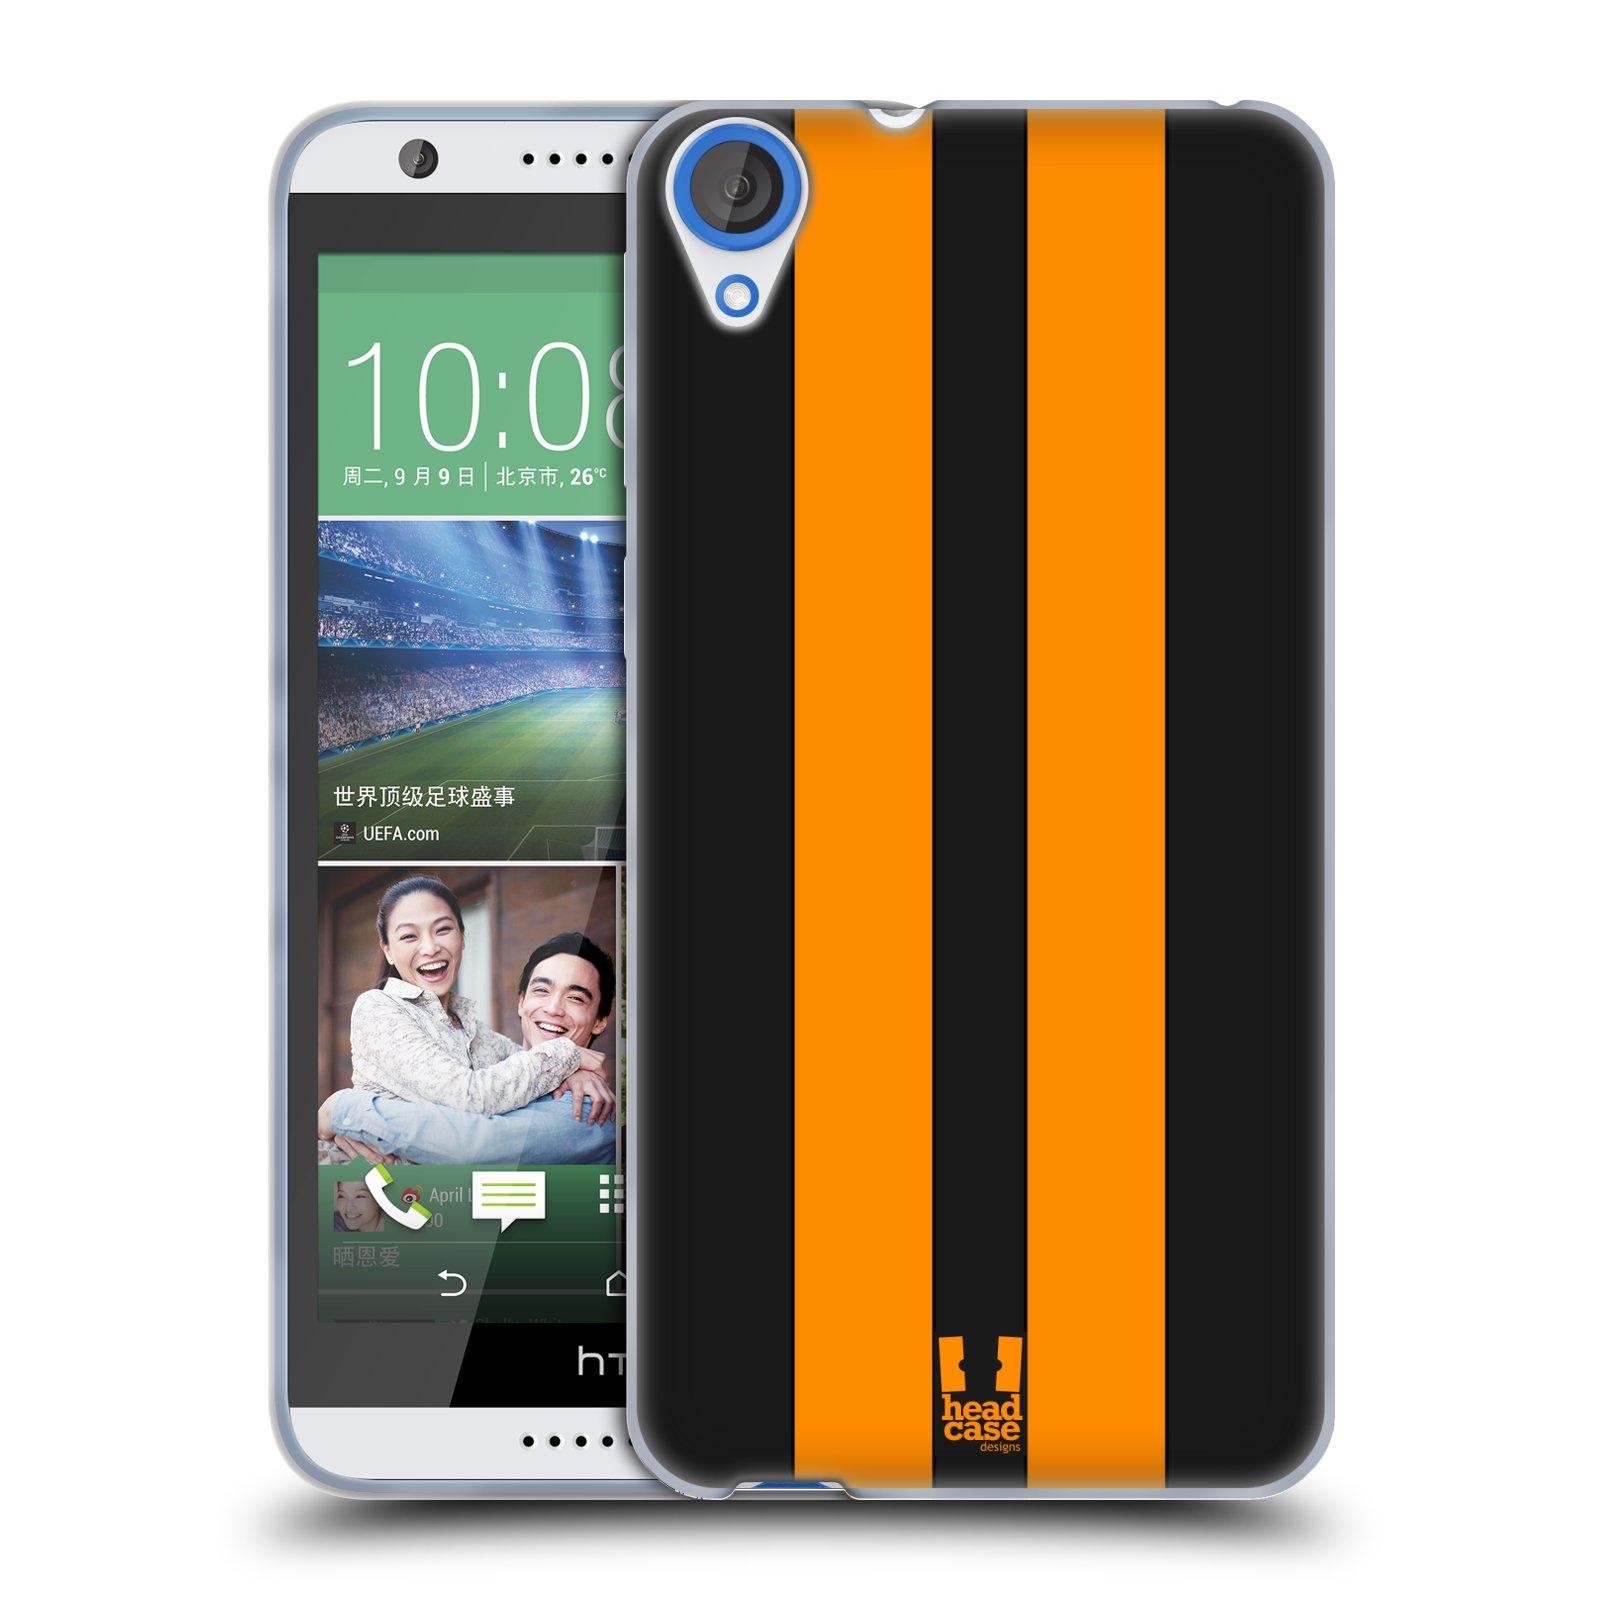 Silikonové pouzdro na mobil HTC Desire 820 HEAD CASE ŽLUTÉ A ČERNÉ PRUHY (Silikonový kryt či obal na mobilní telefon HTC Desire 820)